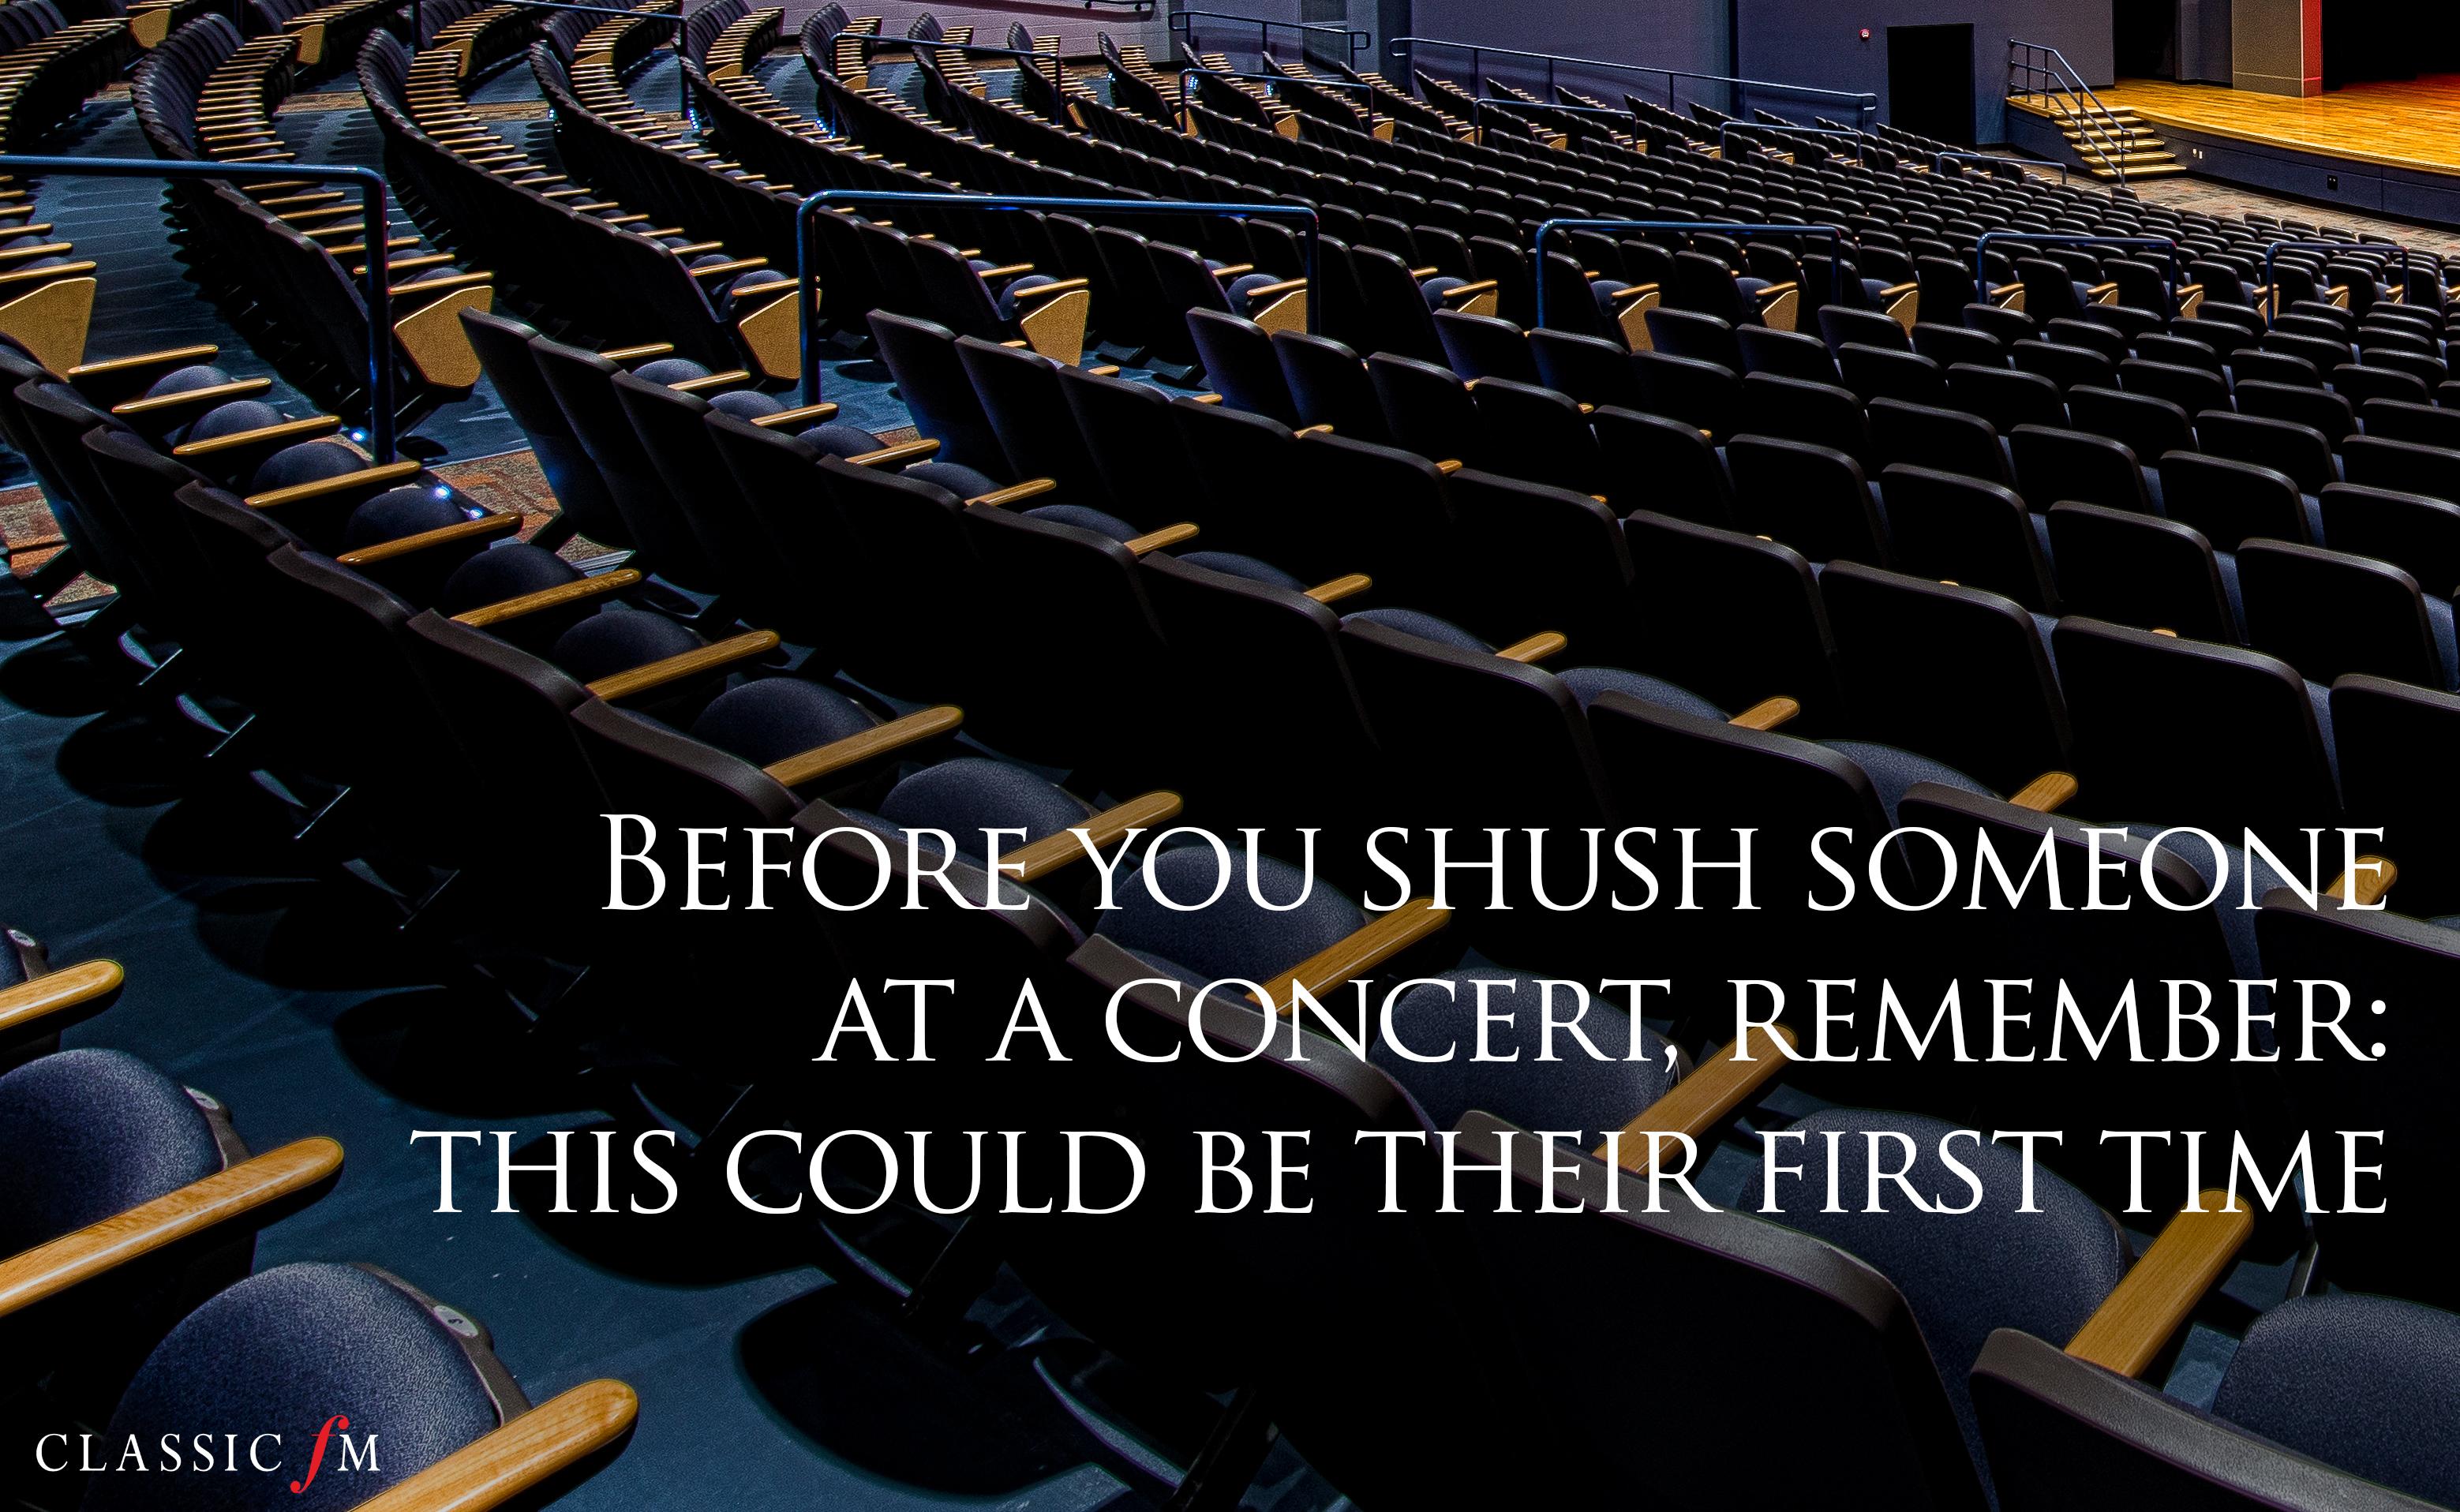 Concert shush